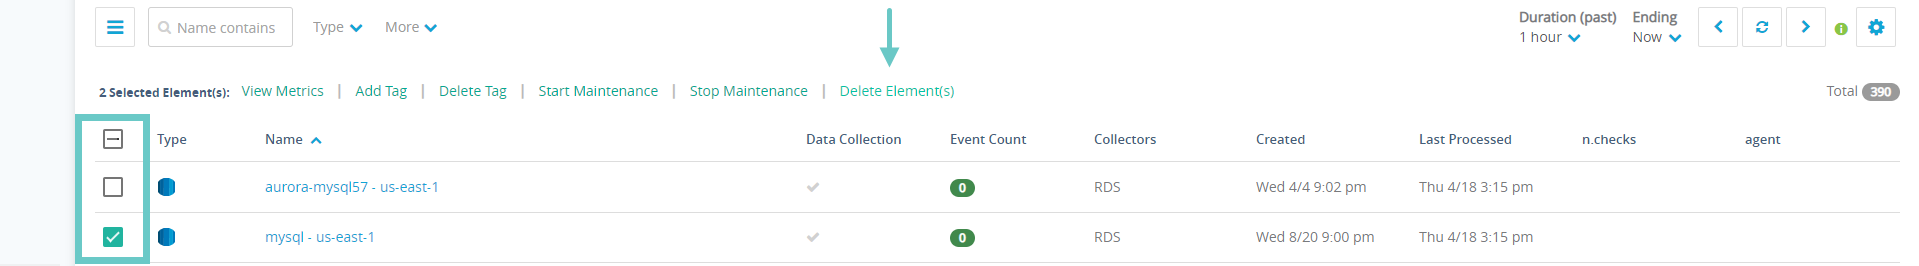 delete-elements